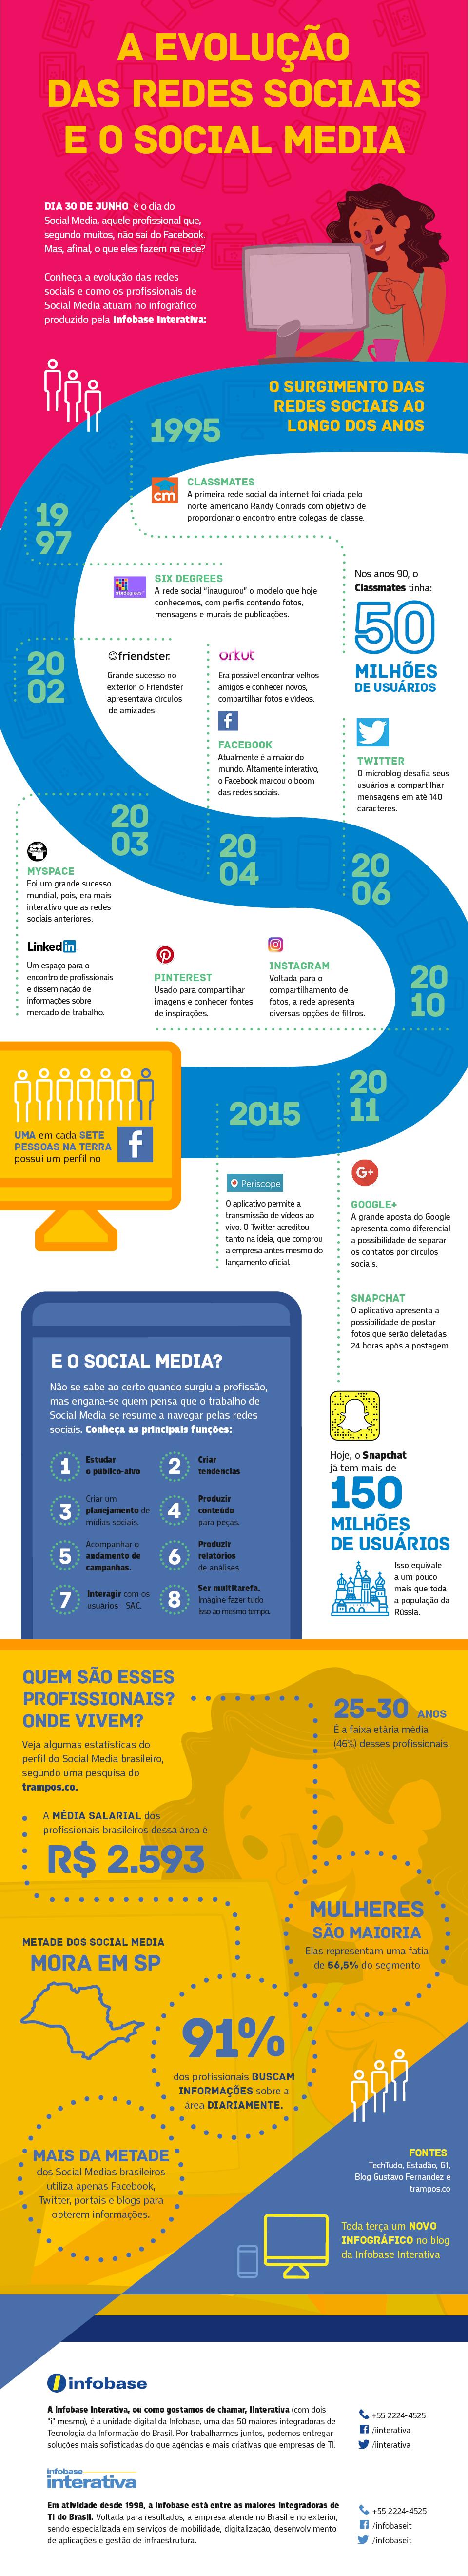 Entenda a evolução das redes sociais e do profissional de Social Media